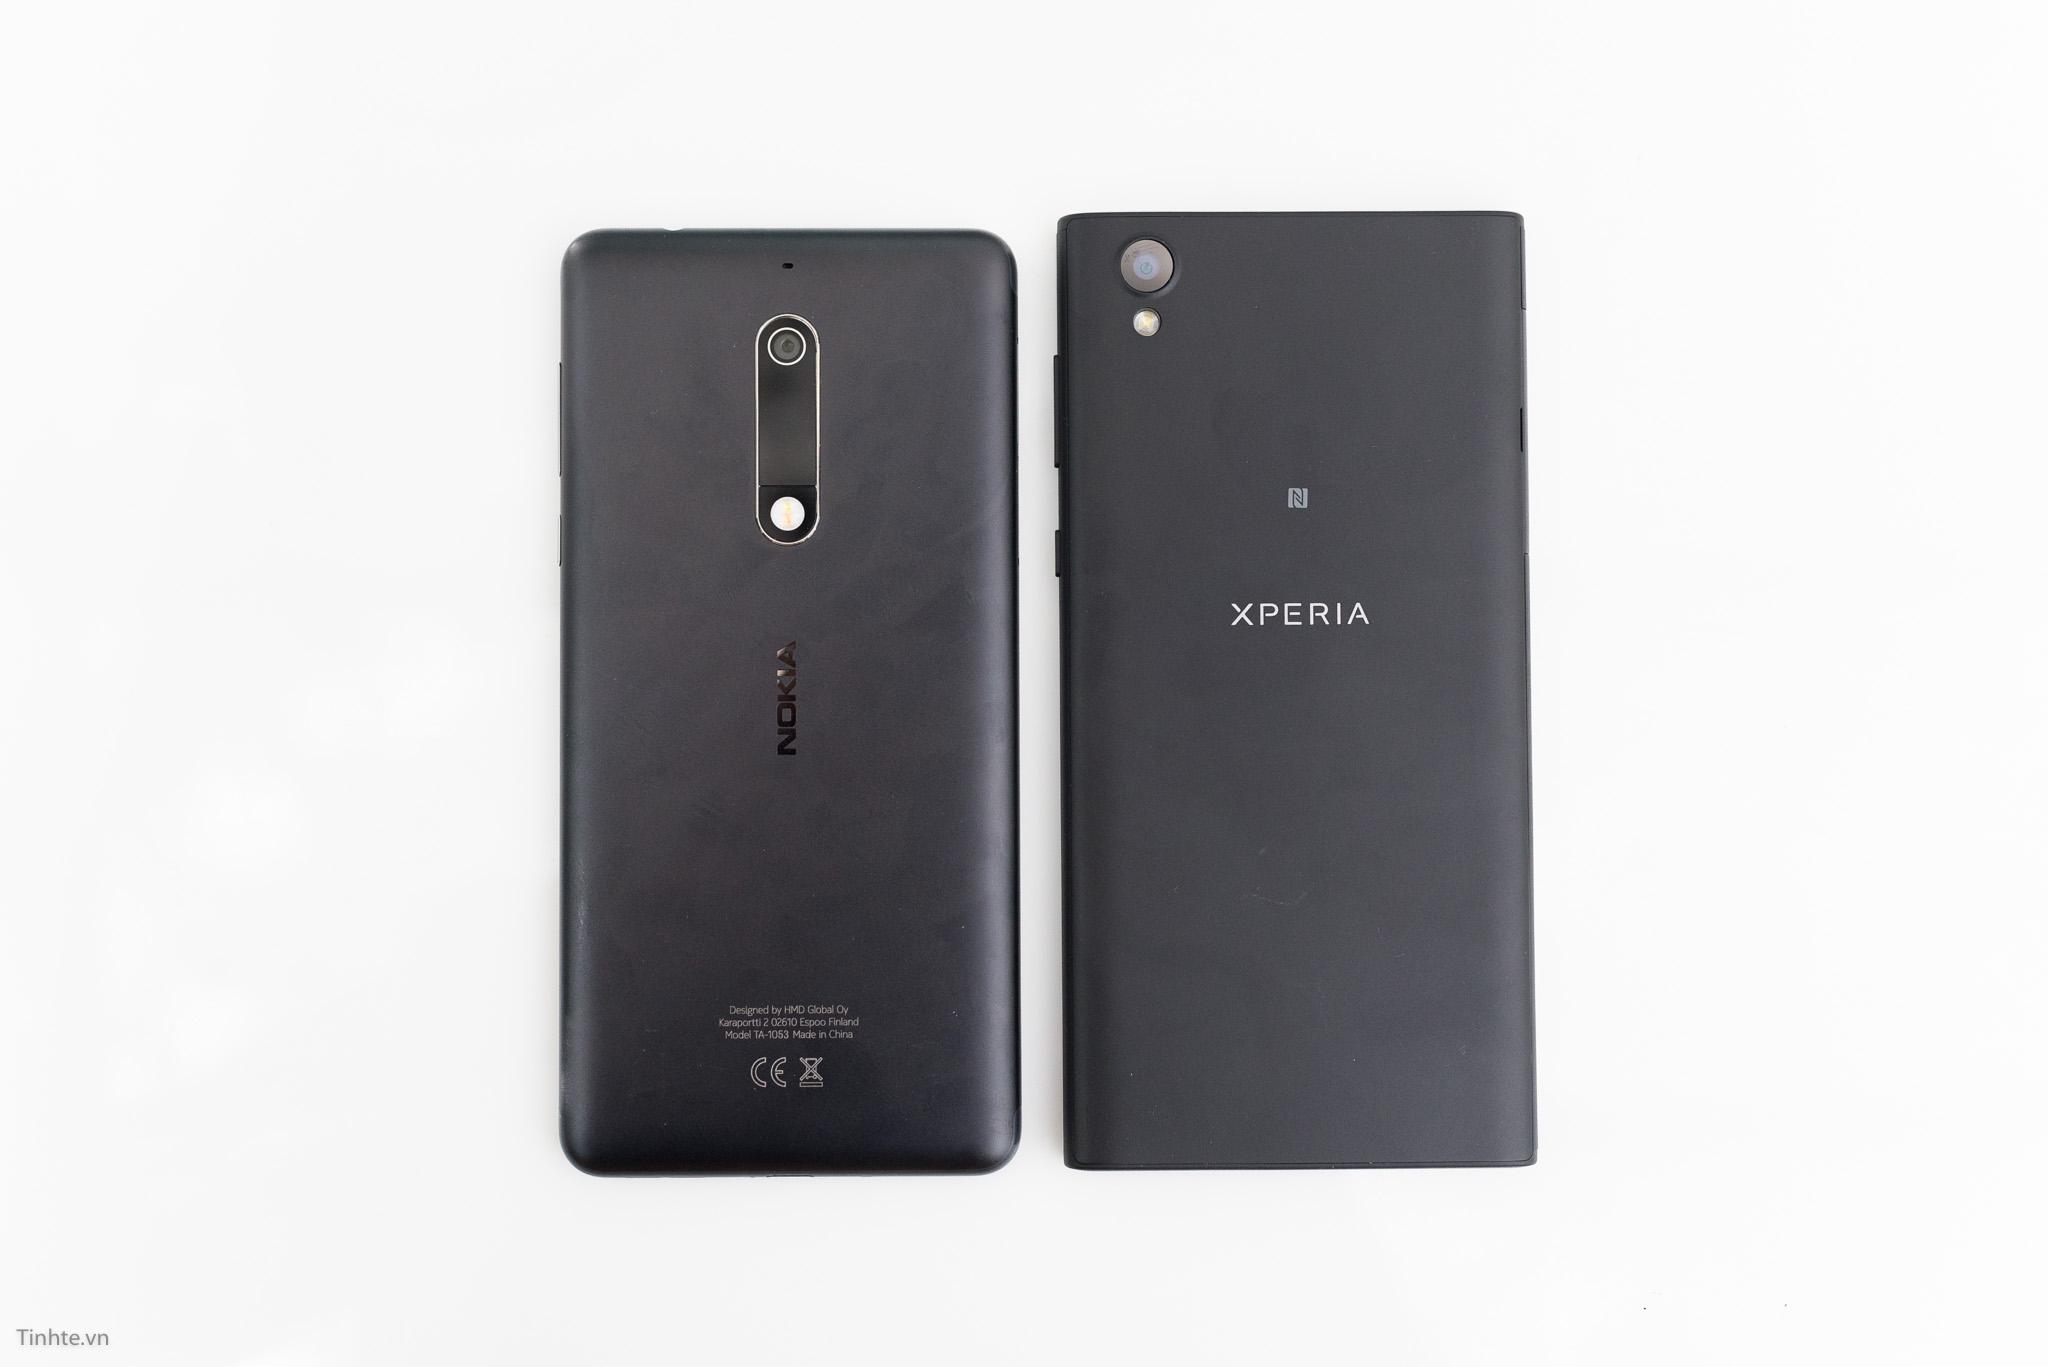 nokia-5-xperia-l1-tinhte-9.jpg